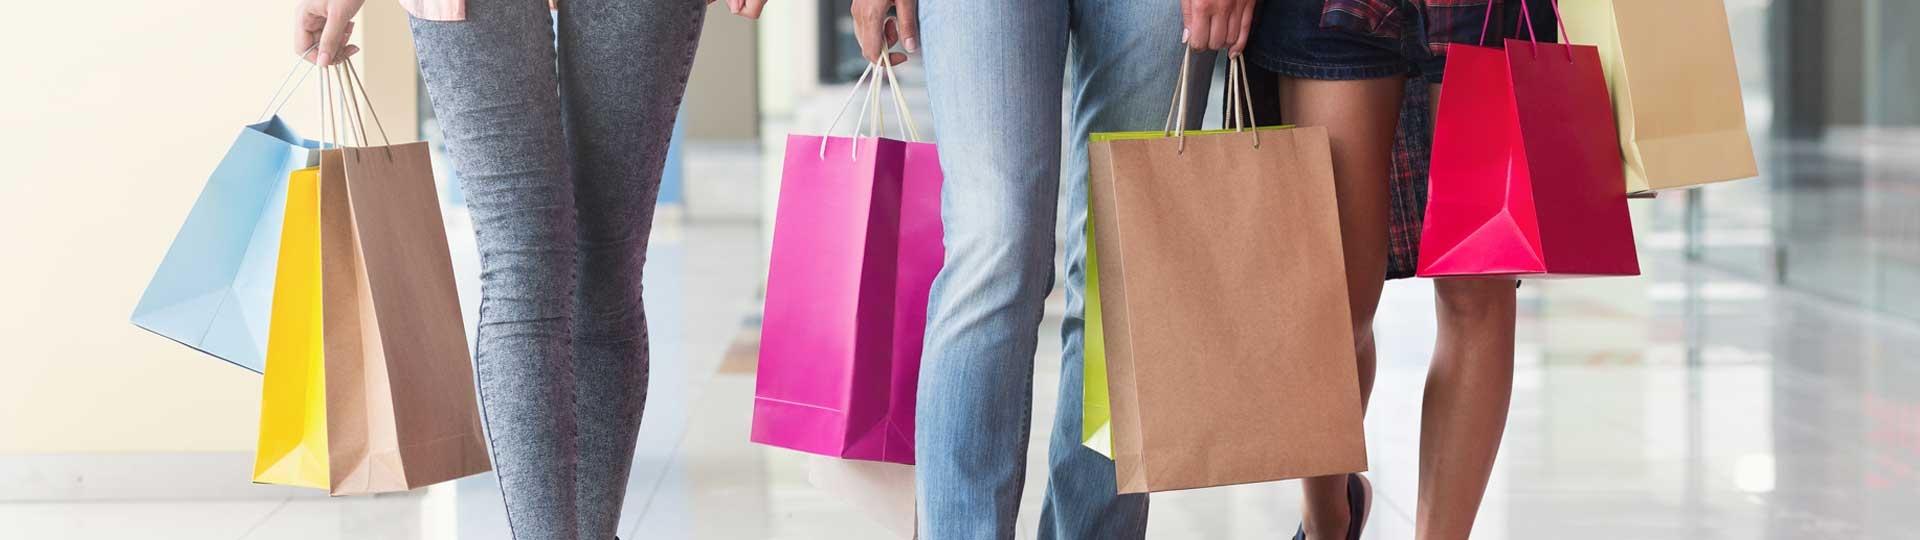 Profitez du déstockage de chaussures homme et femmes